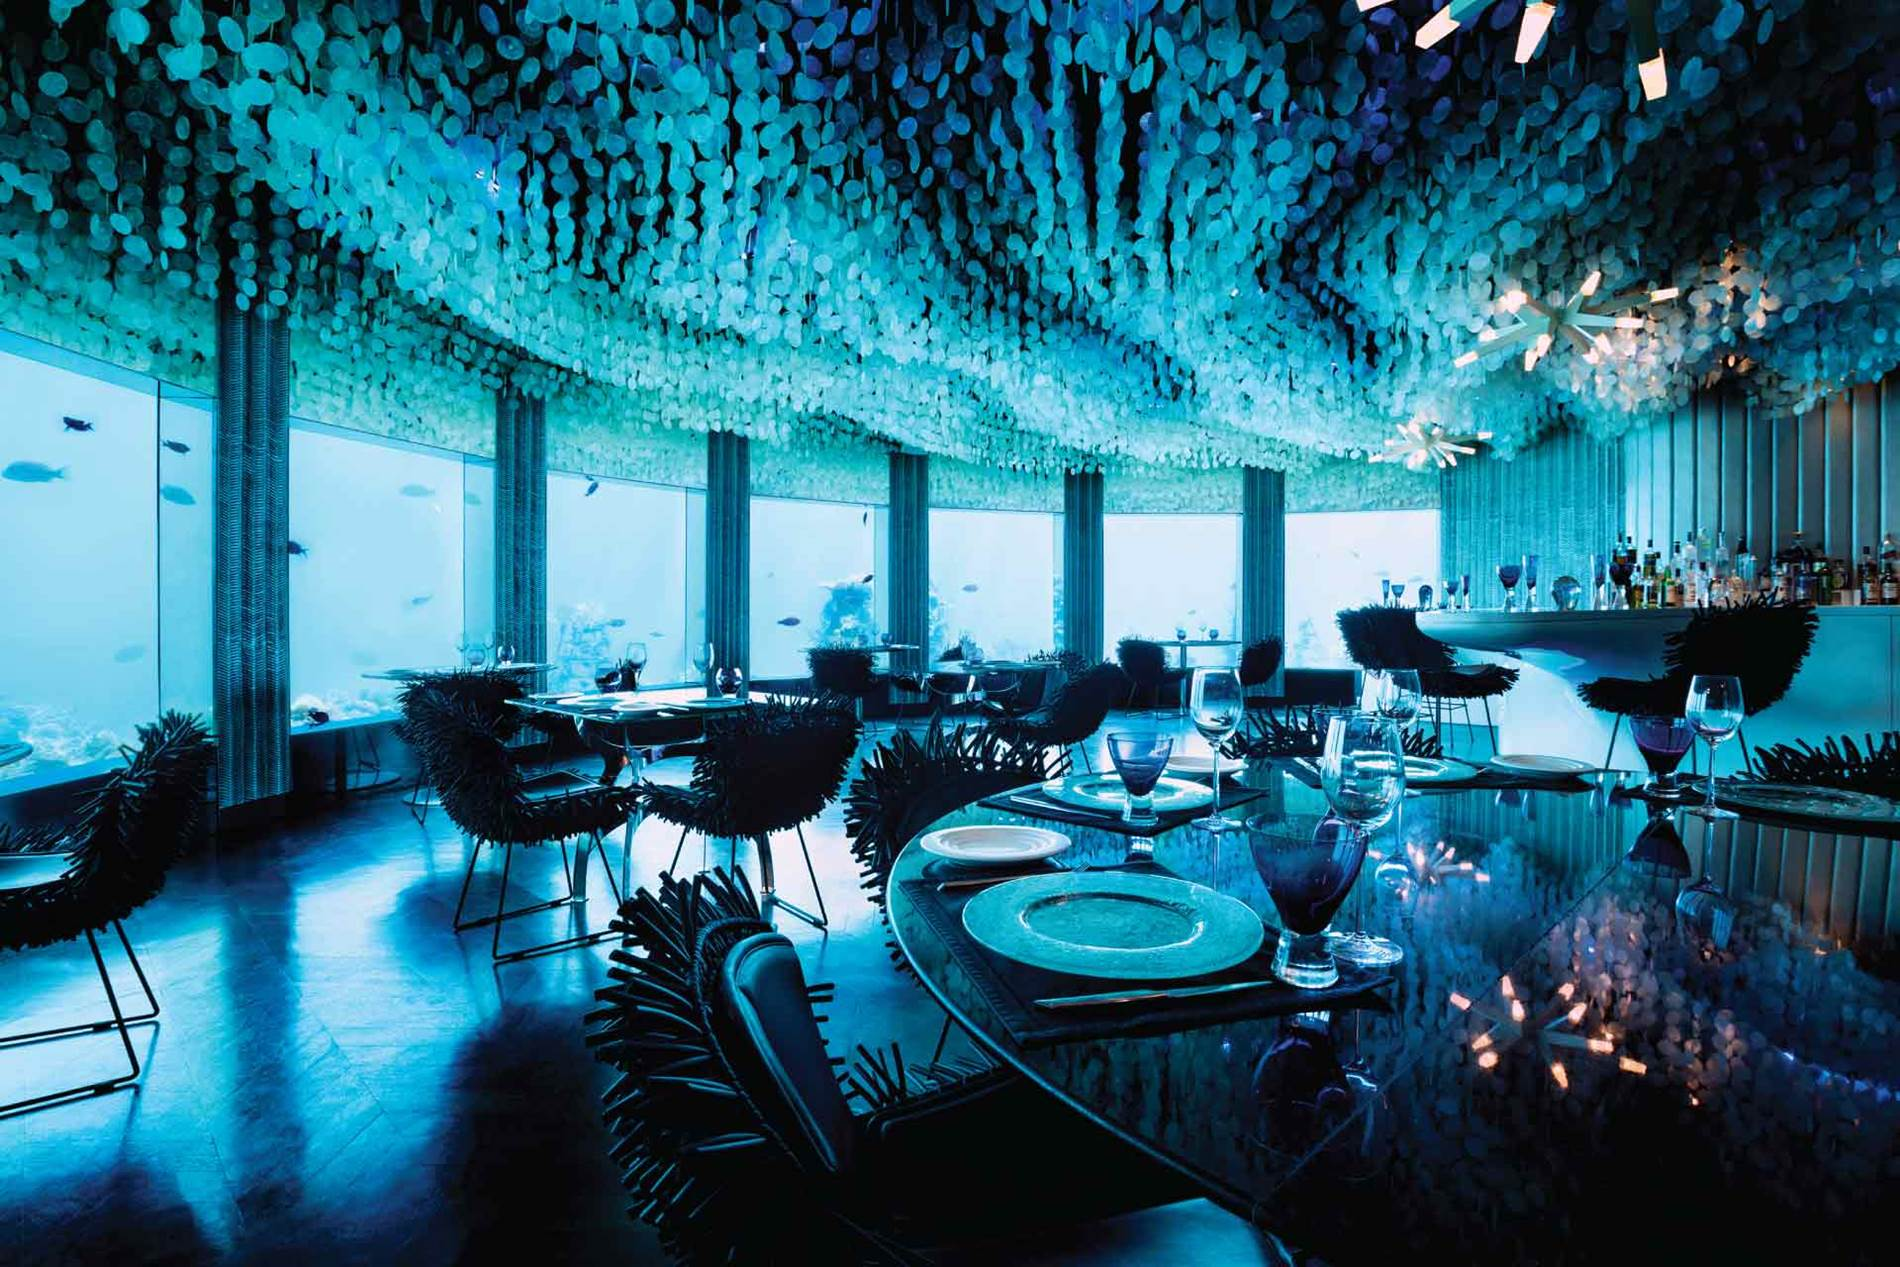 Есть два необычных ресторана - Nest, расположенный на дереве, и Submix - под водой с удивительными видами на подводный мир Индийского океана.